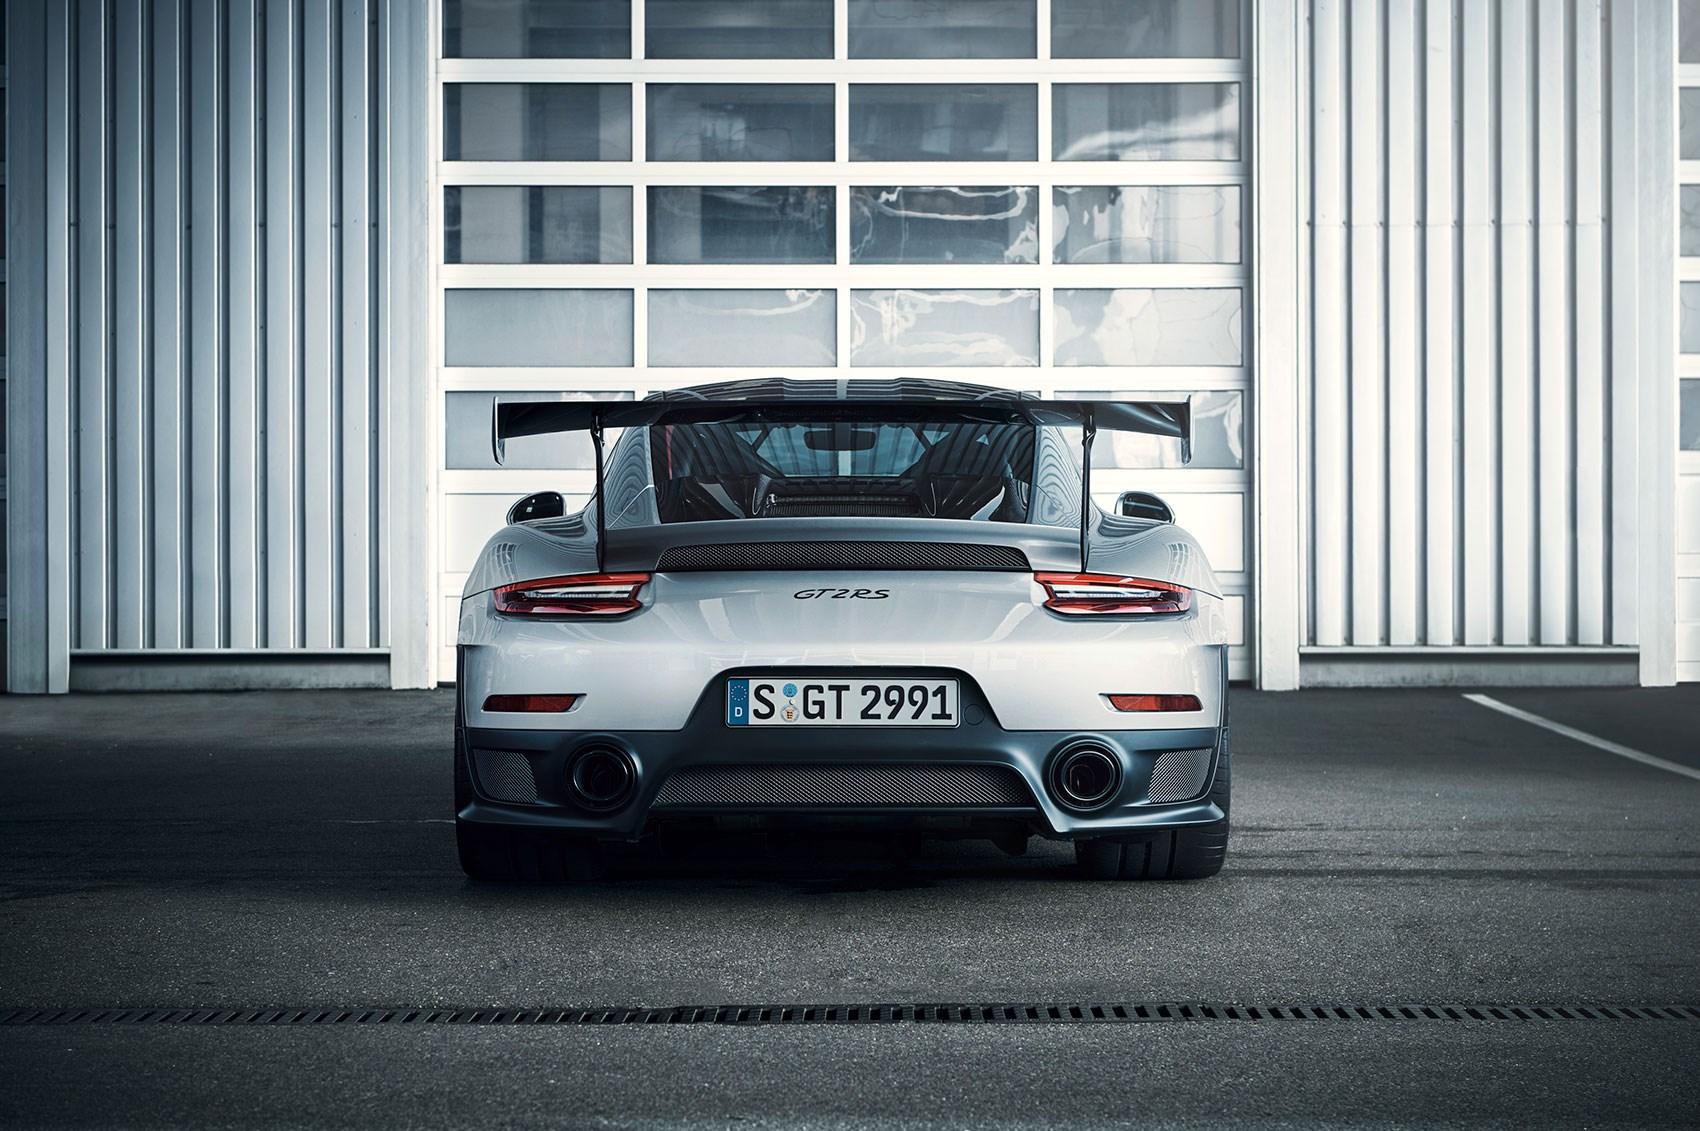 z_Porsche_911_GT2_RS_rear Cozy Porsche 911 Gt2 Rs Turbo Price Cars Trend